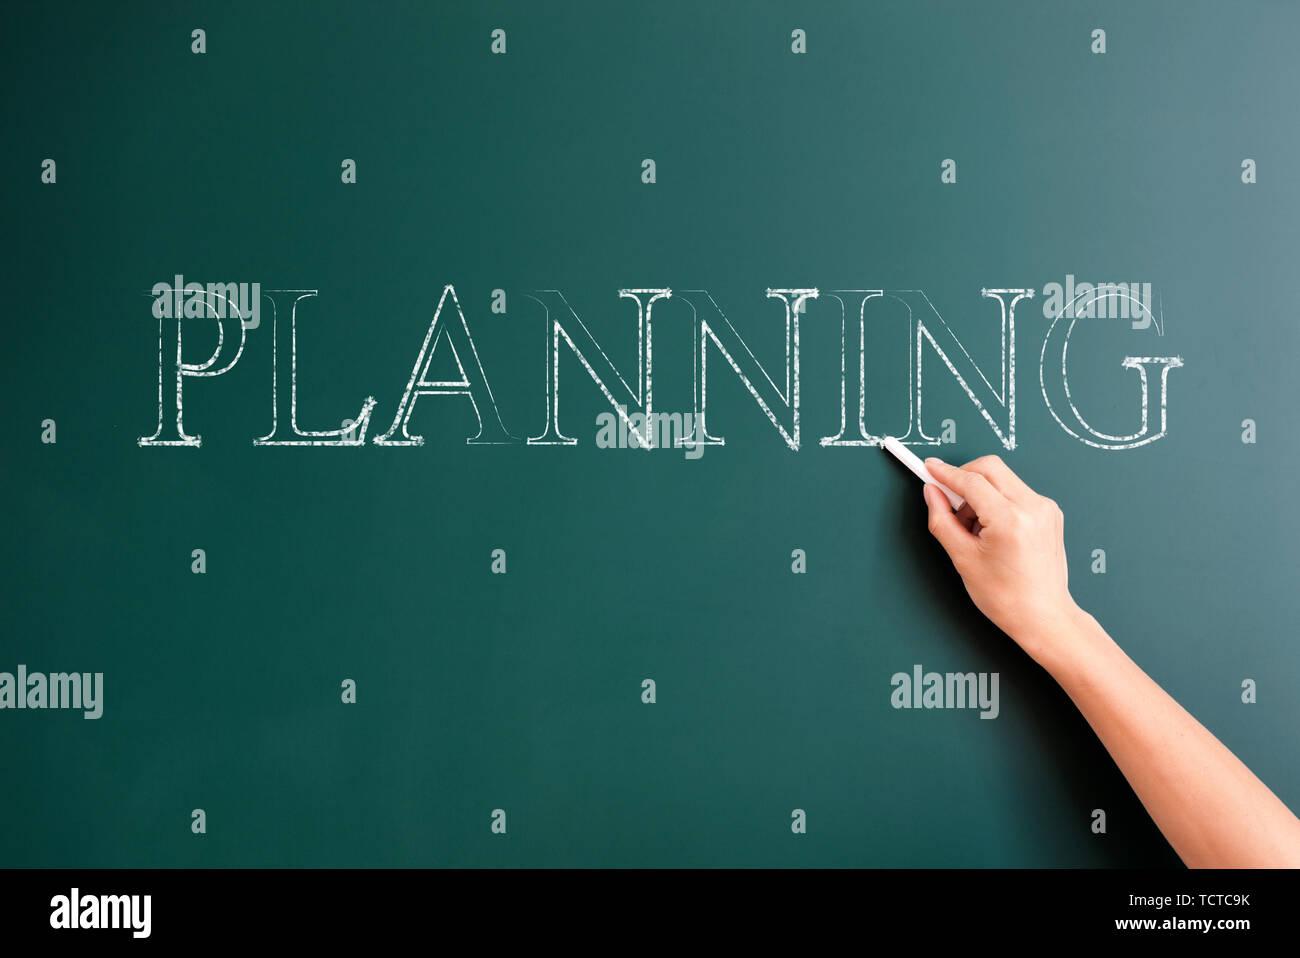 planning written on blackboard - Stock Image